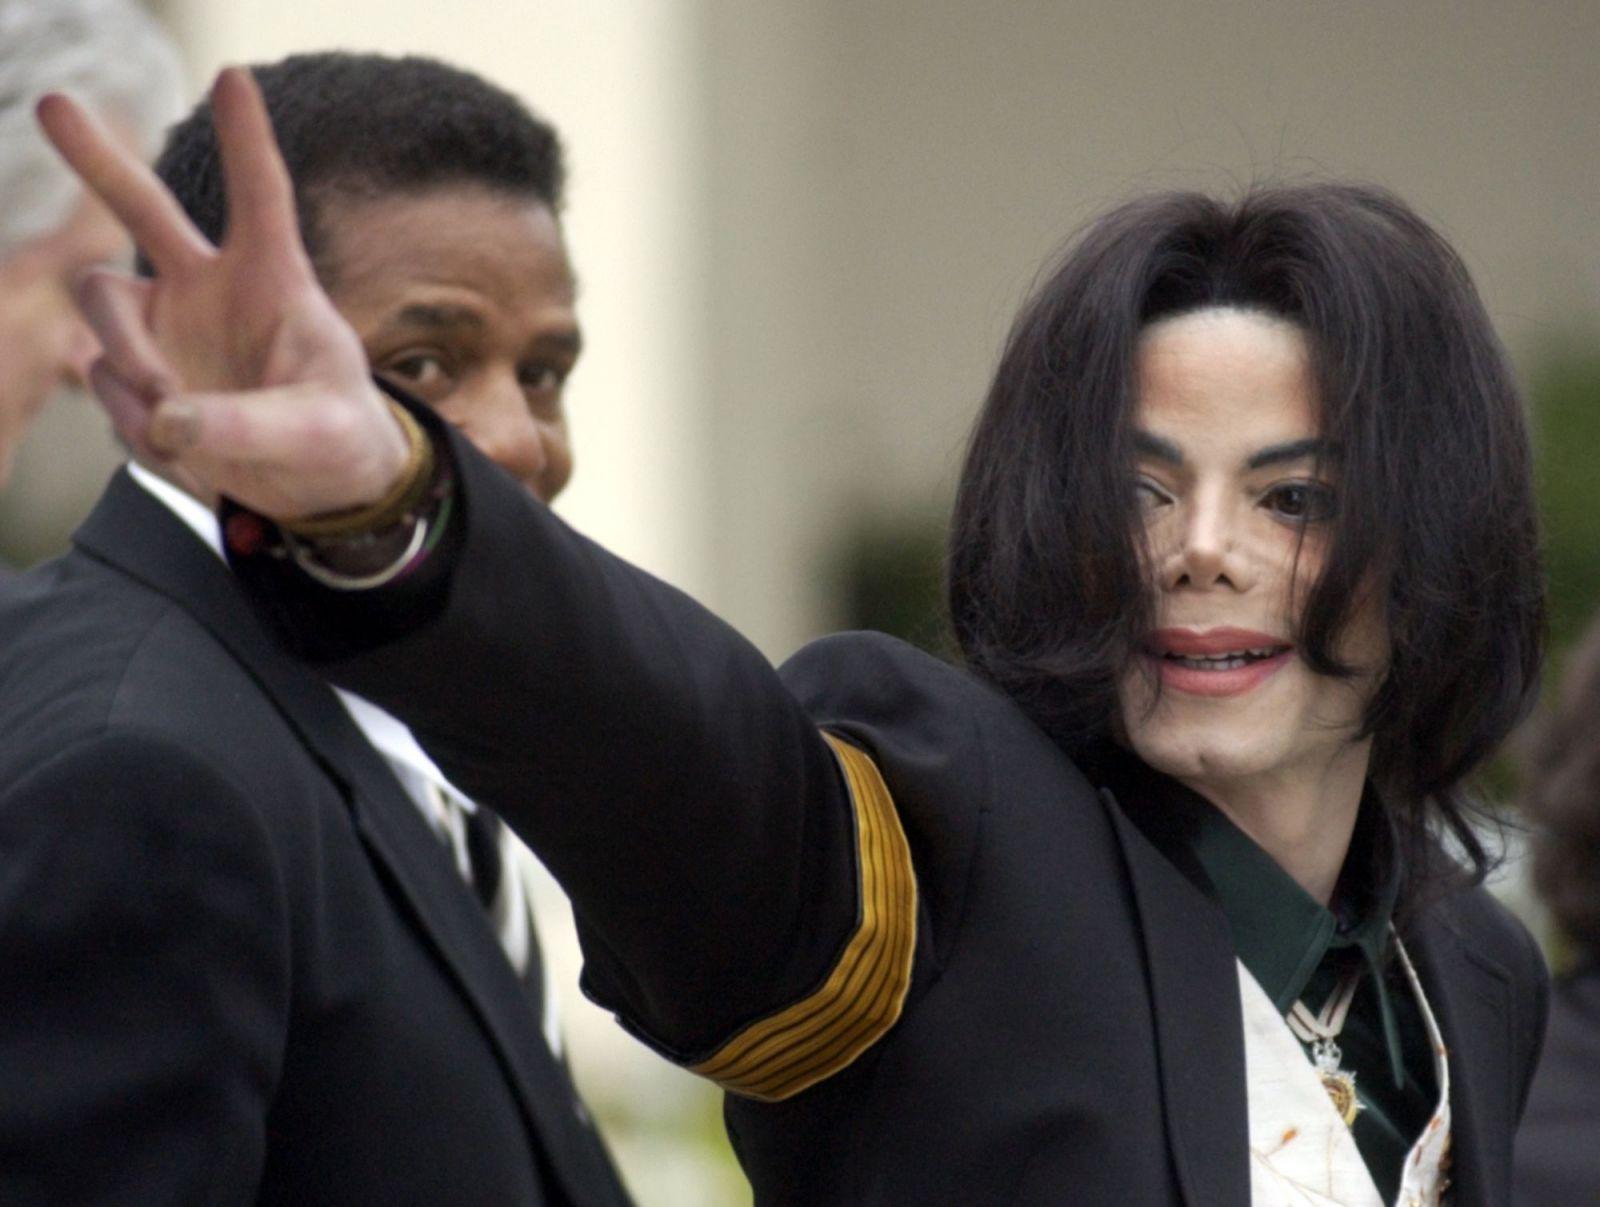 Simpsonovci stiahli epizódu s Michael Jacksonom. Môžu za to podozrenia z pedofílie